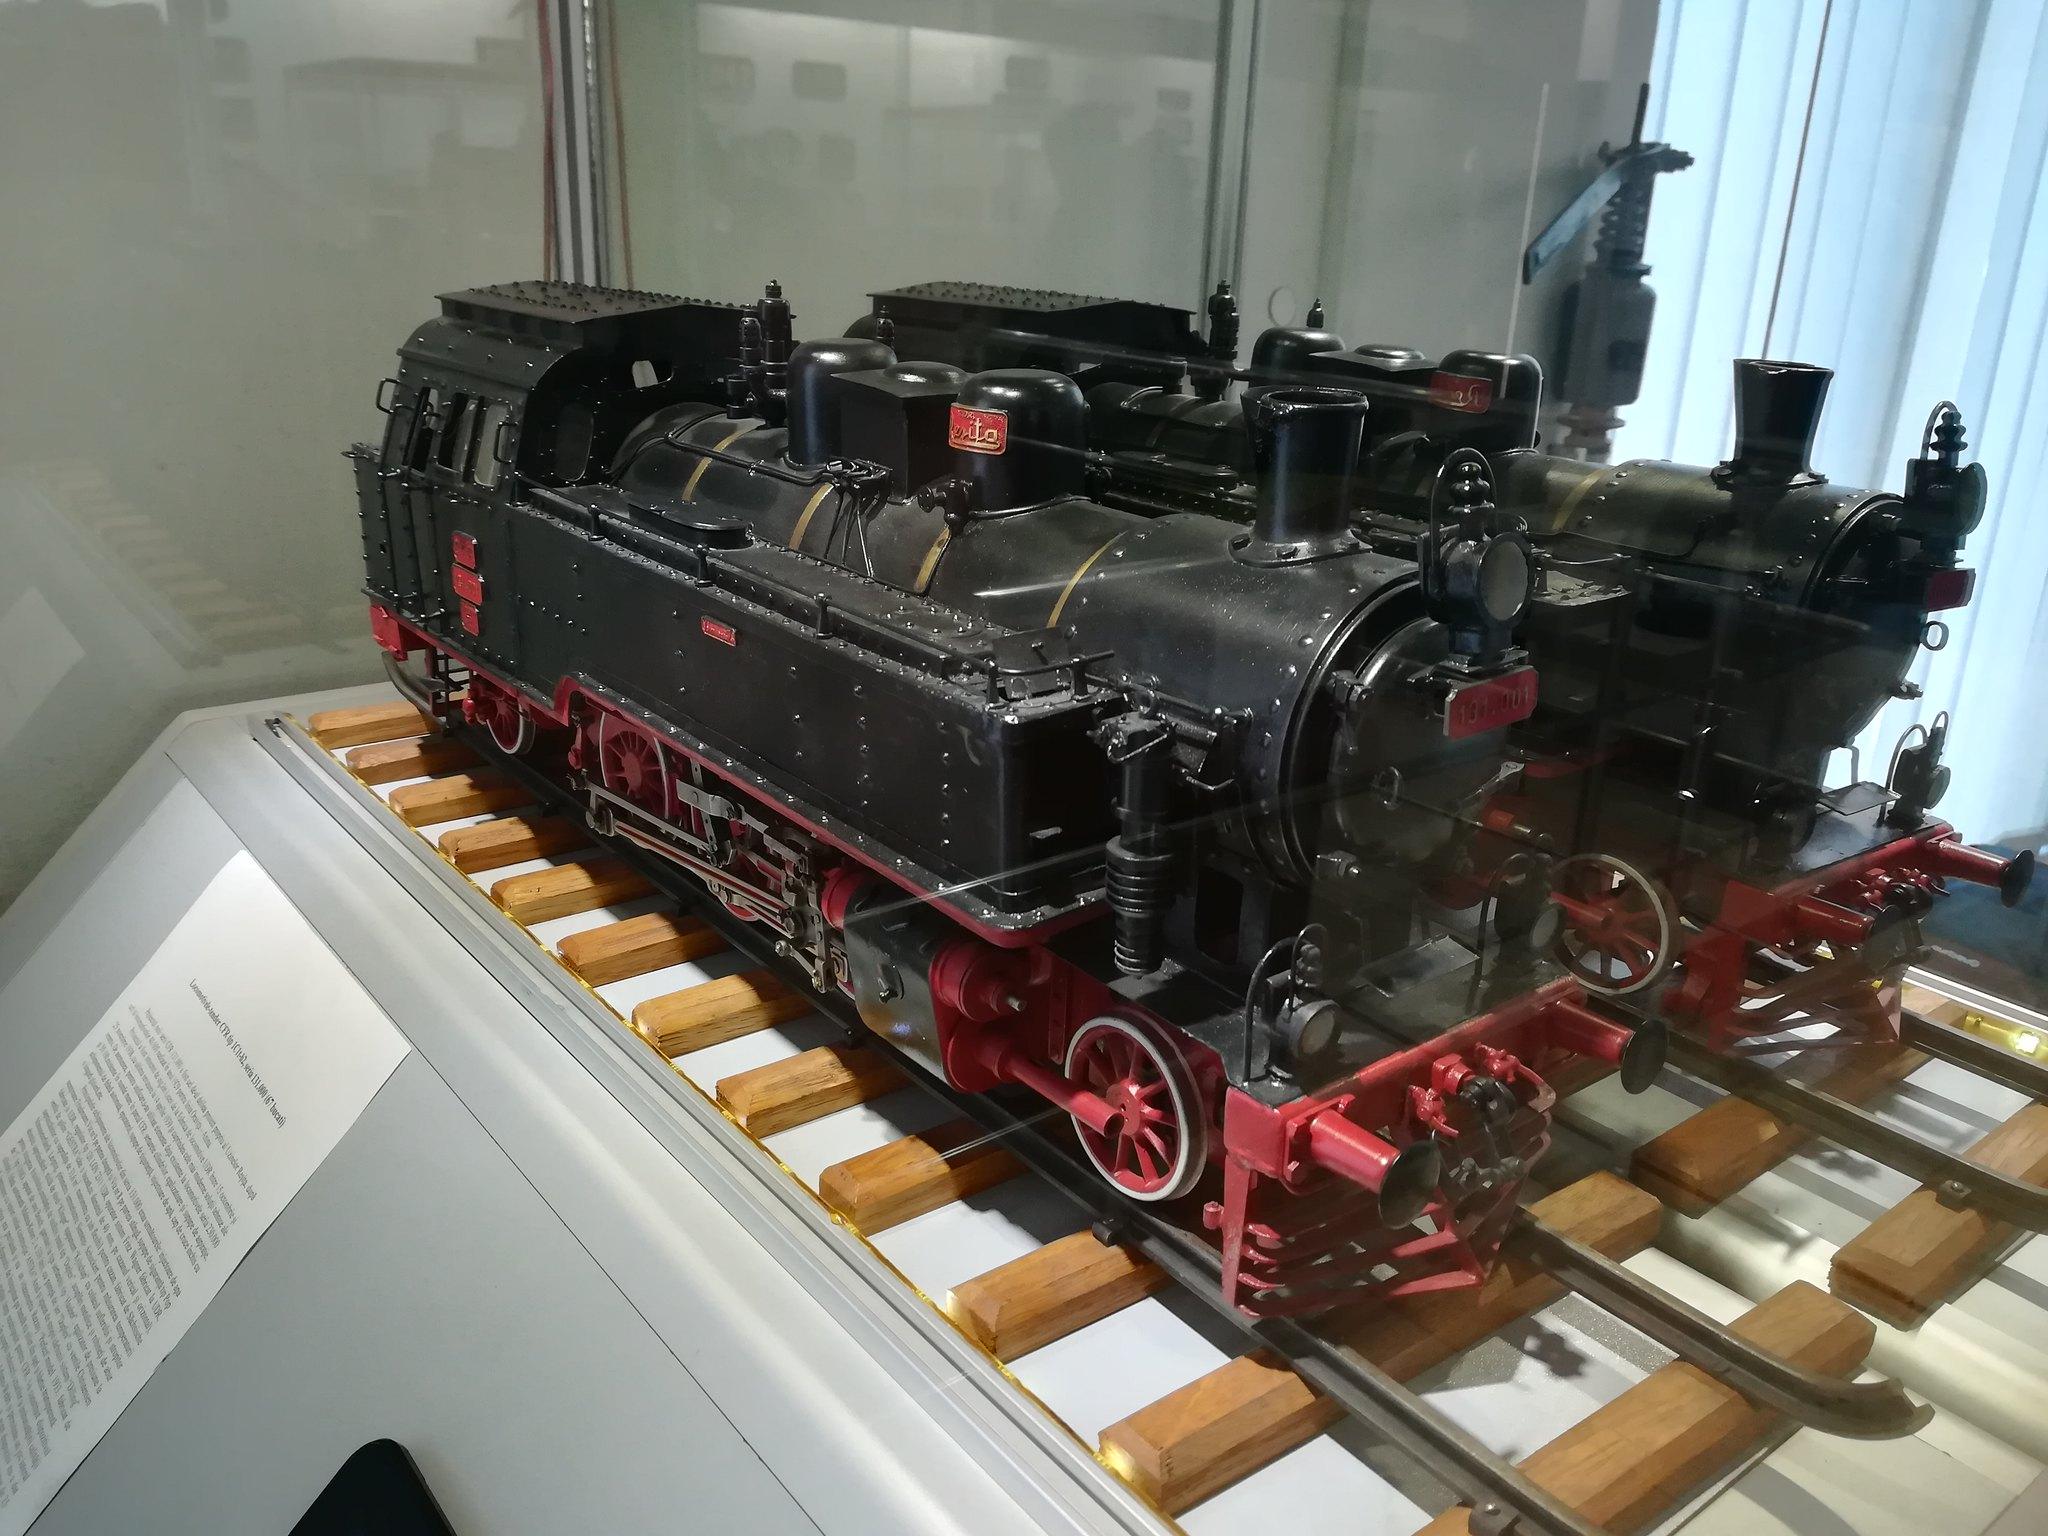 Reportaje feroviare Adirmvl - Pagina 21 49596208442_f19c76c927_k